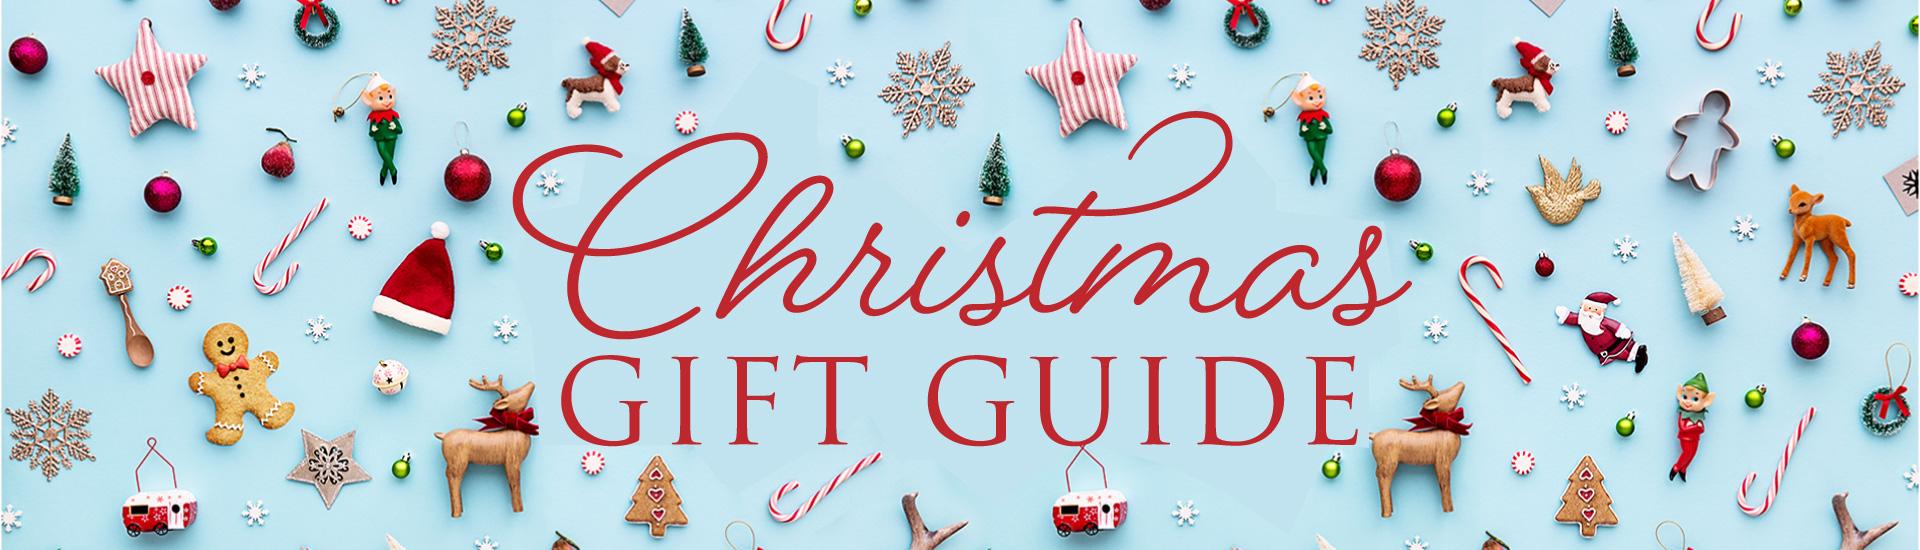 Christmas Gift Guide.Christmas Gift Guide Brisbane Racing Club Brisbane